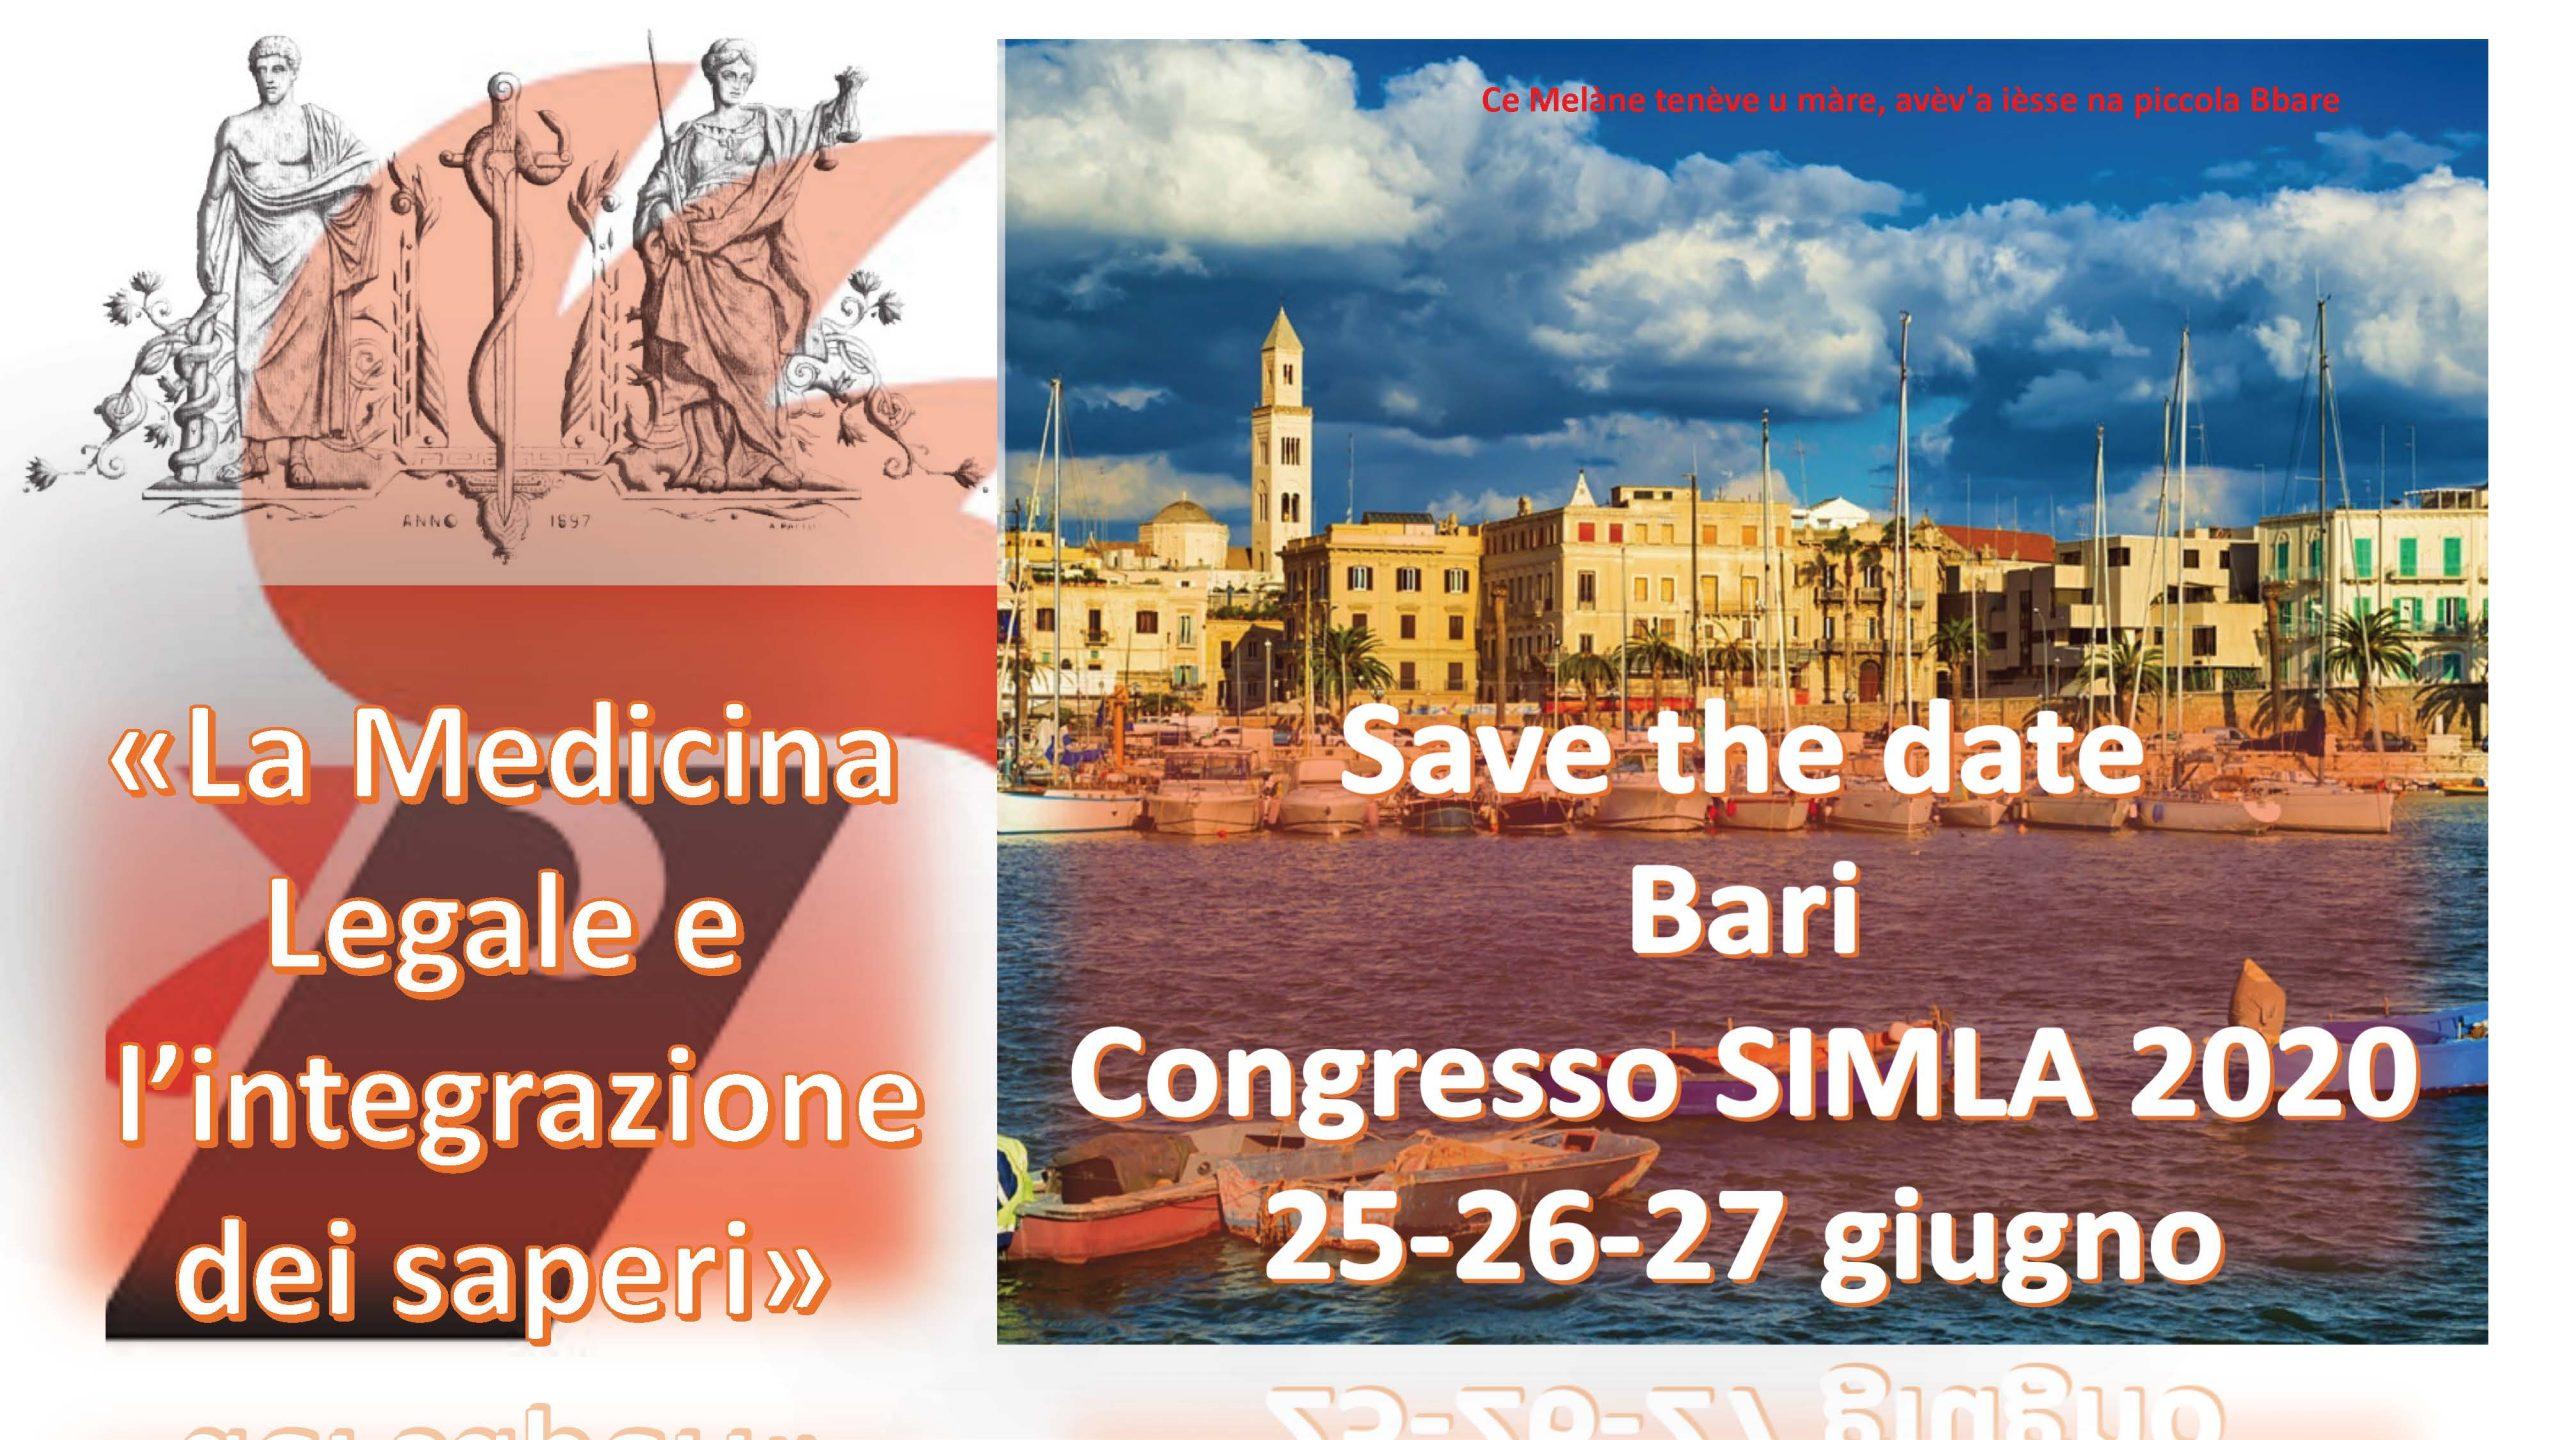 Bari Congresso SIMLA 2020